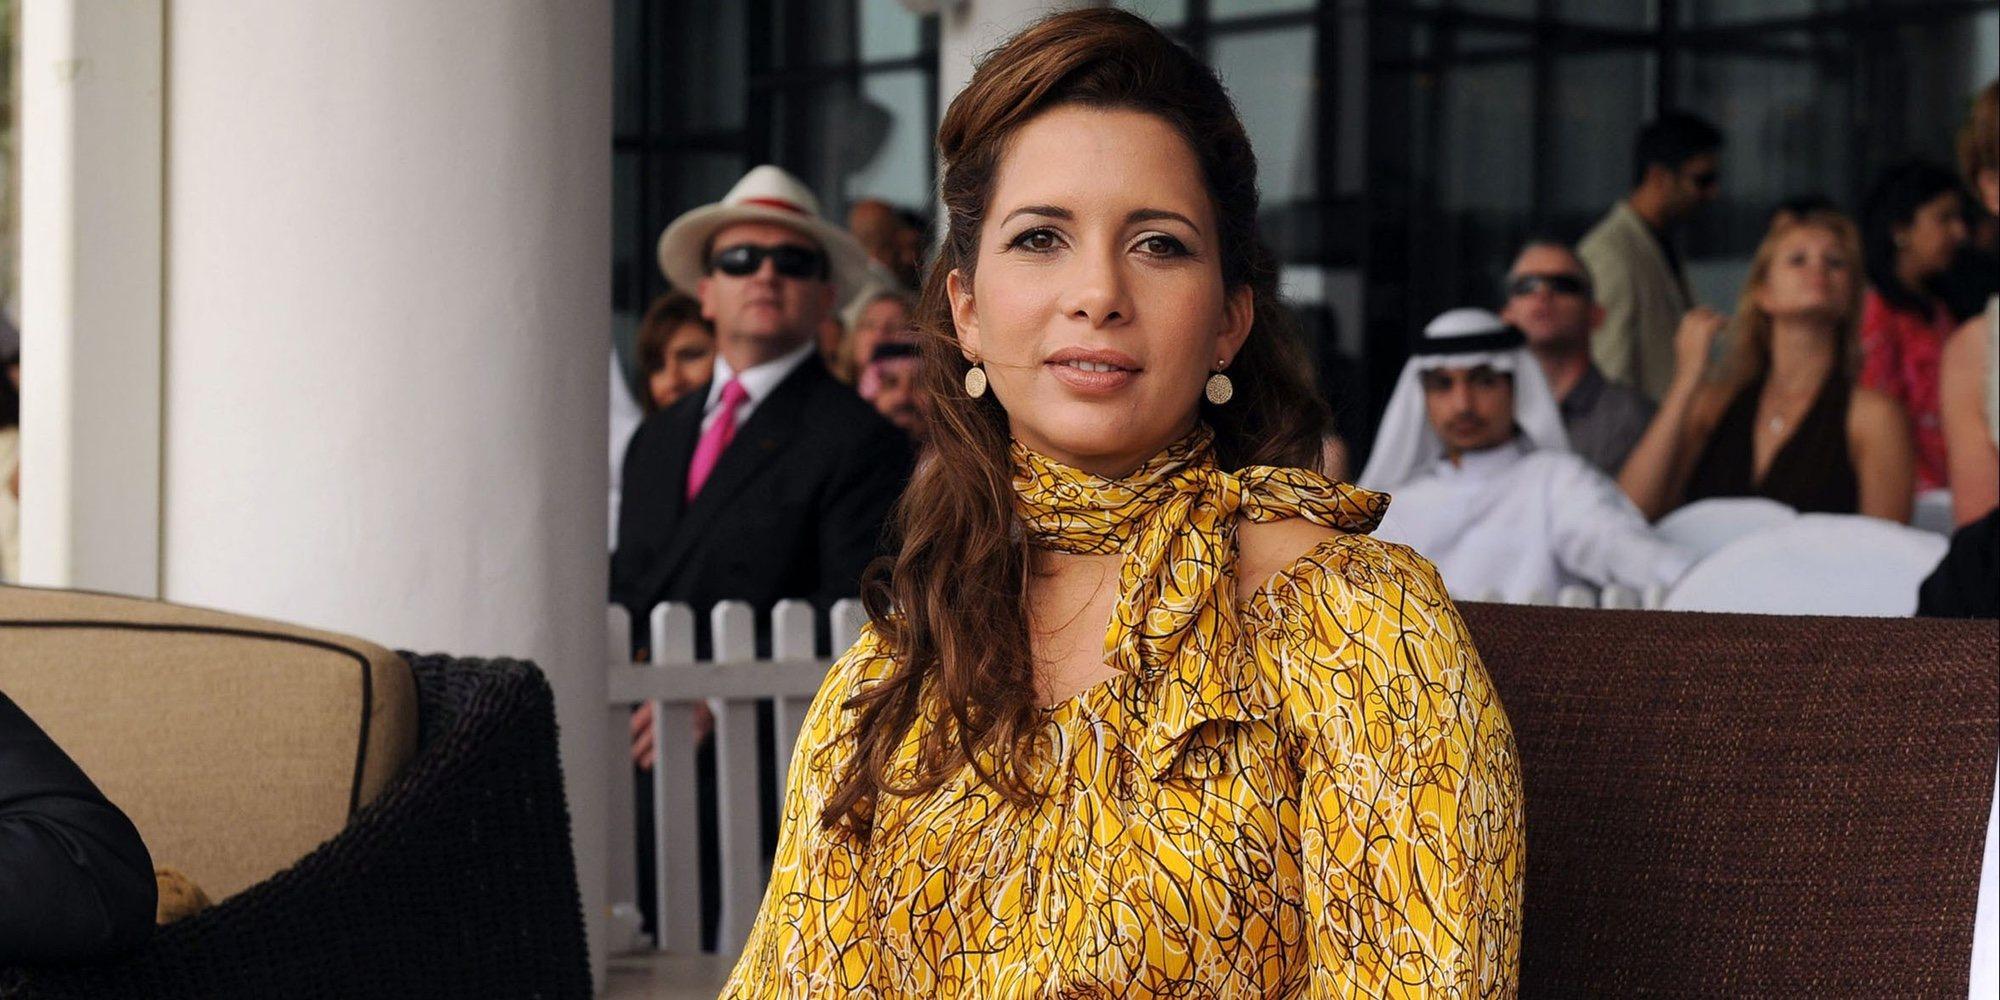 La Princesa Haya de Jordania huye de su marido junto a sus dos hijos y 40 millones de dólares